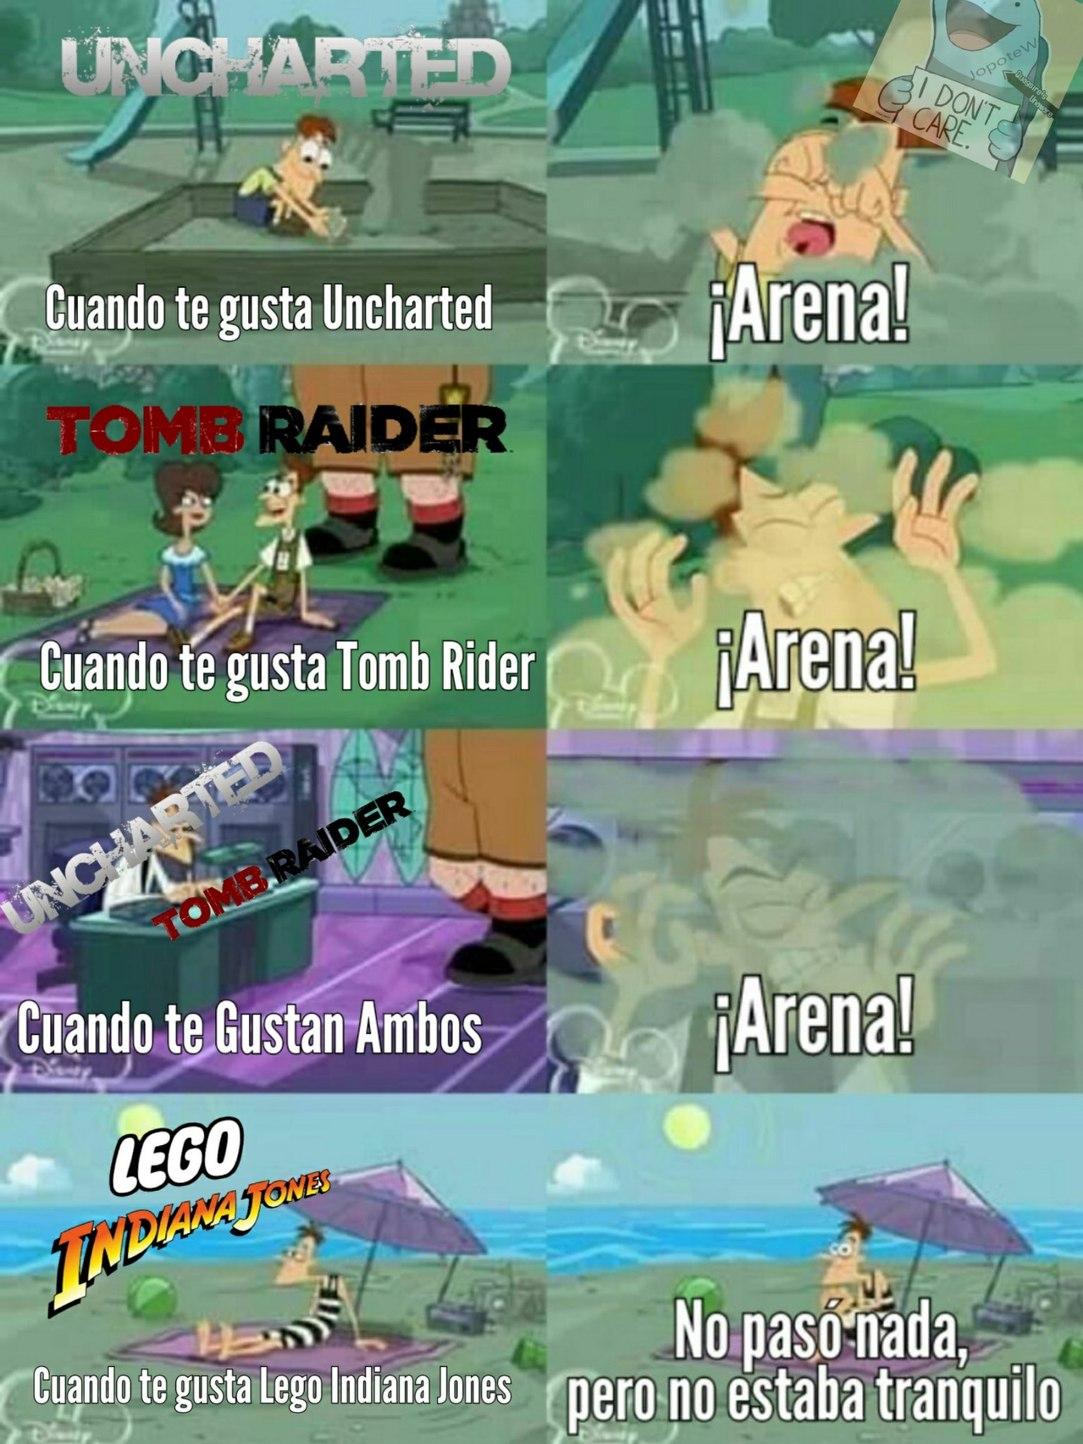 Lego maincra - meme